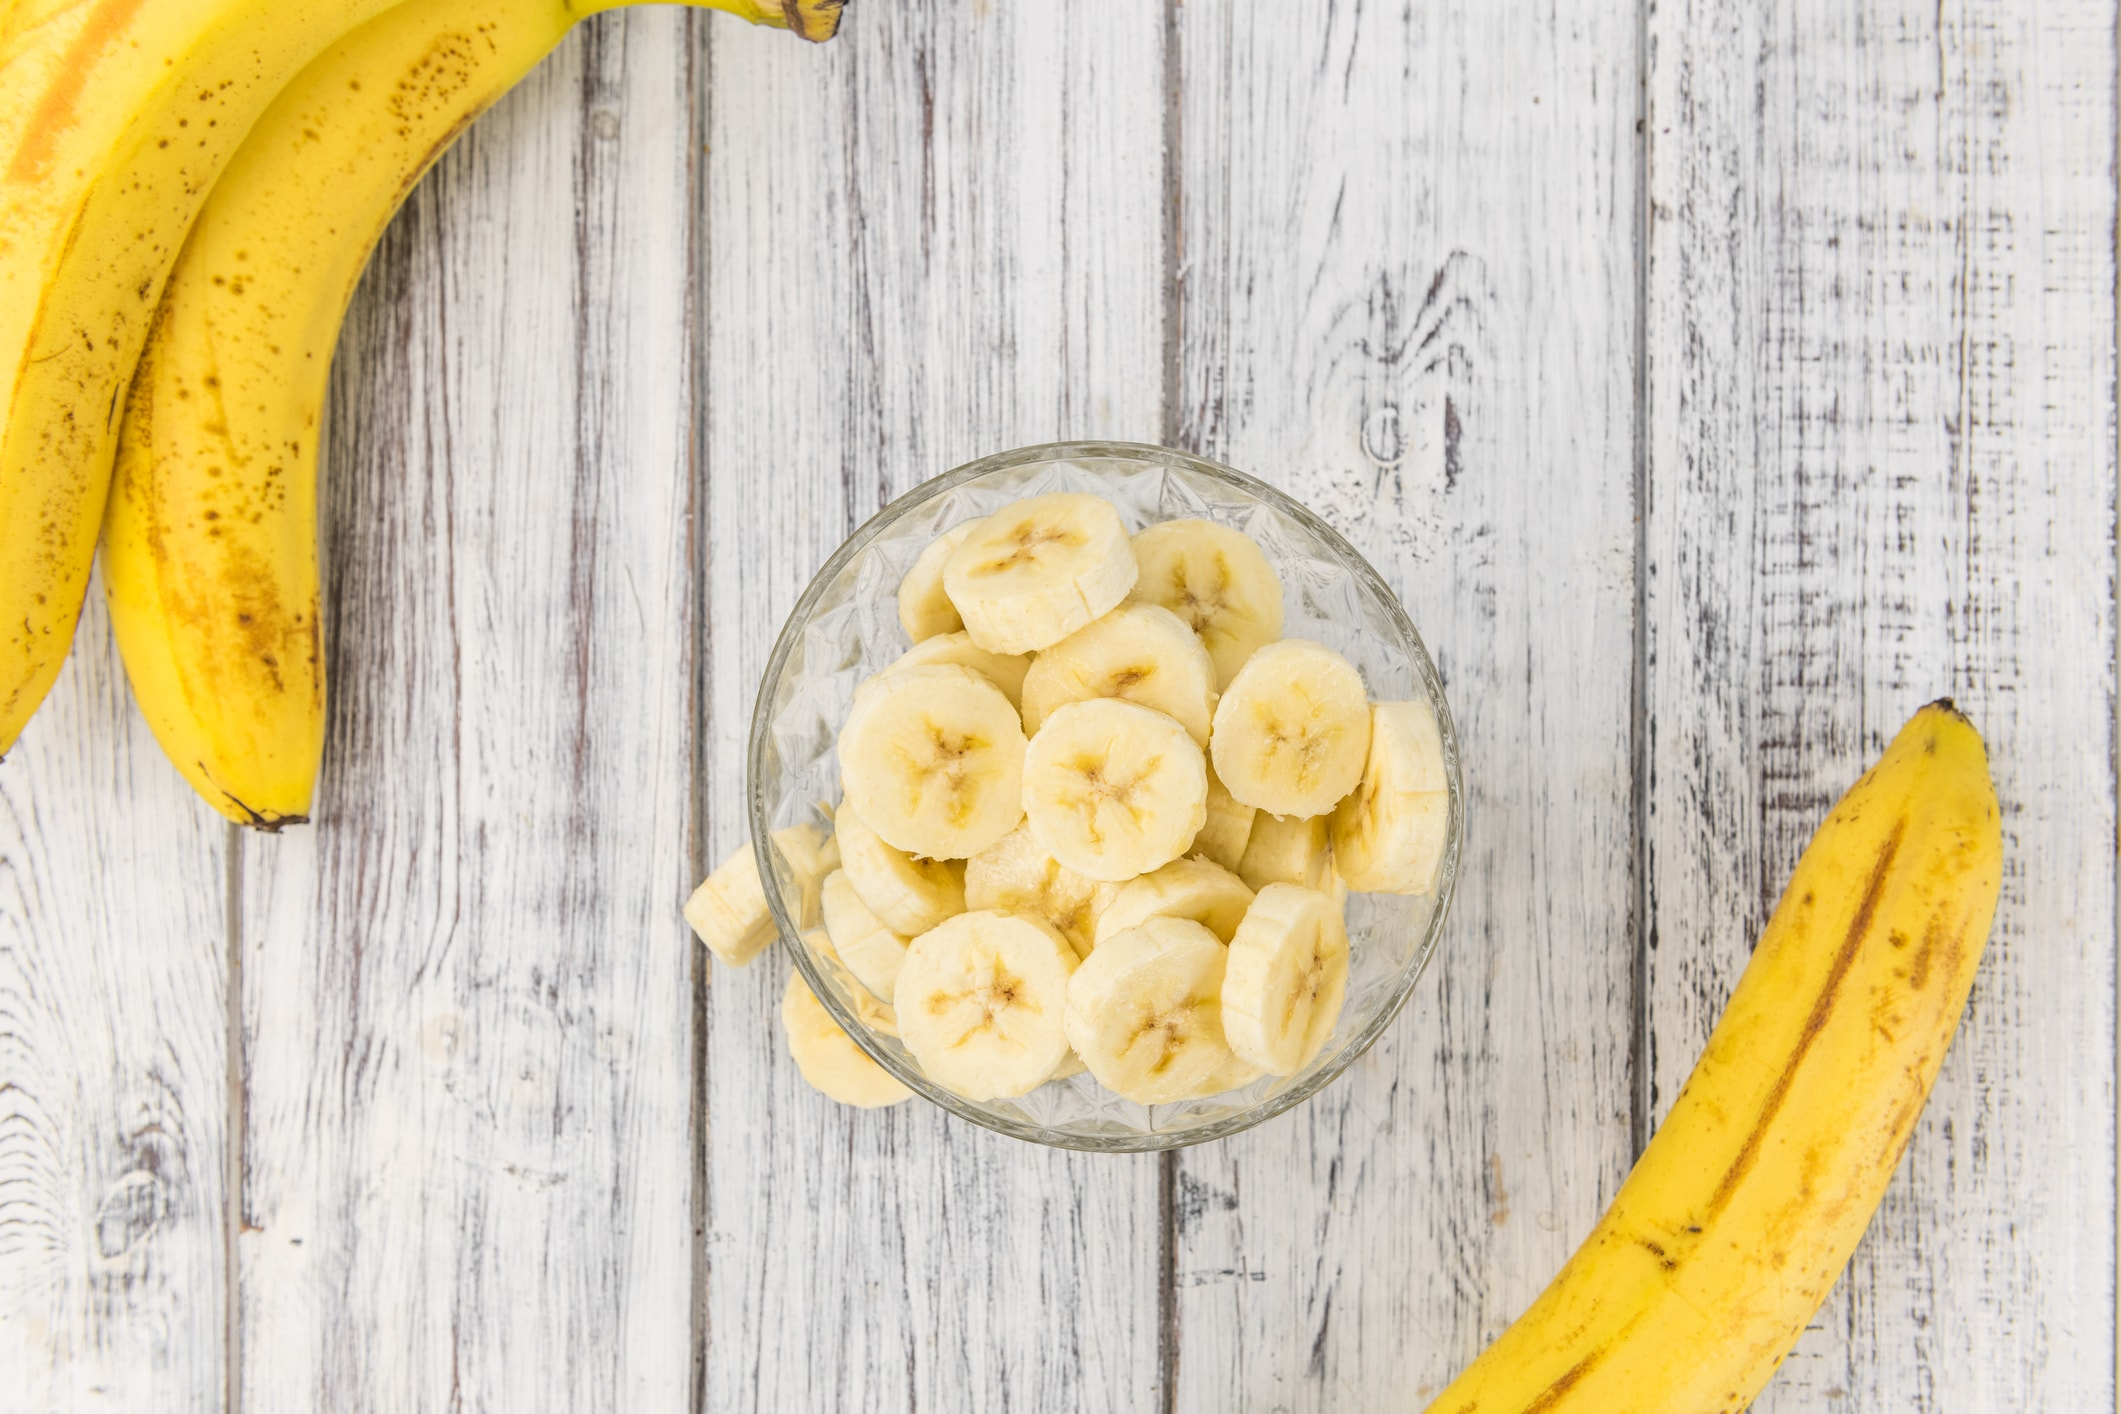 Bananen helfen gegen trockene Füße